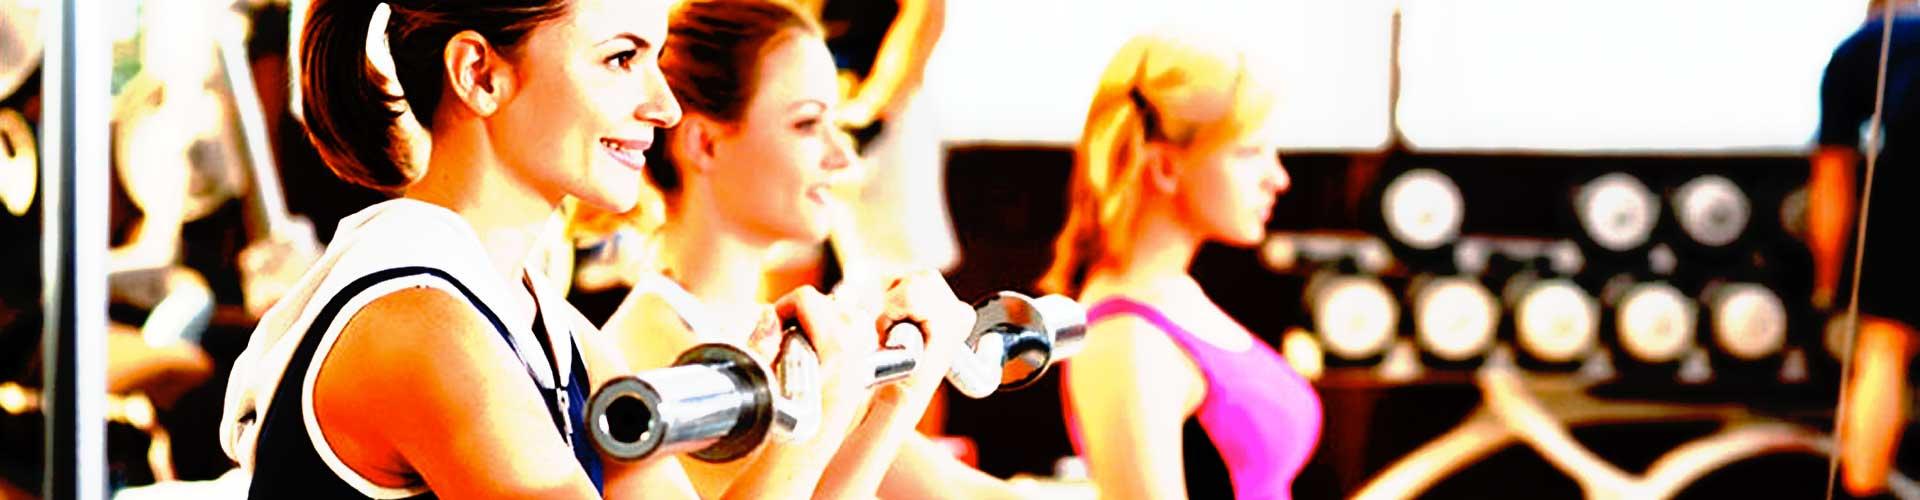 Tempo Libero Sport Fitness Accessori